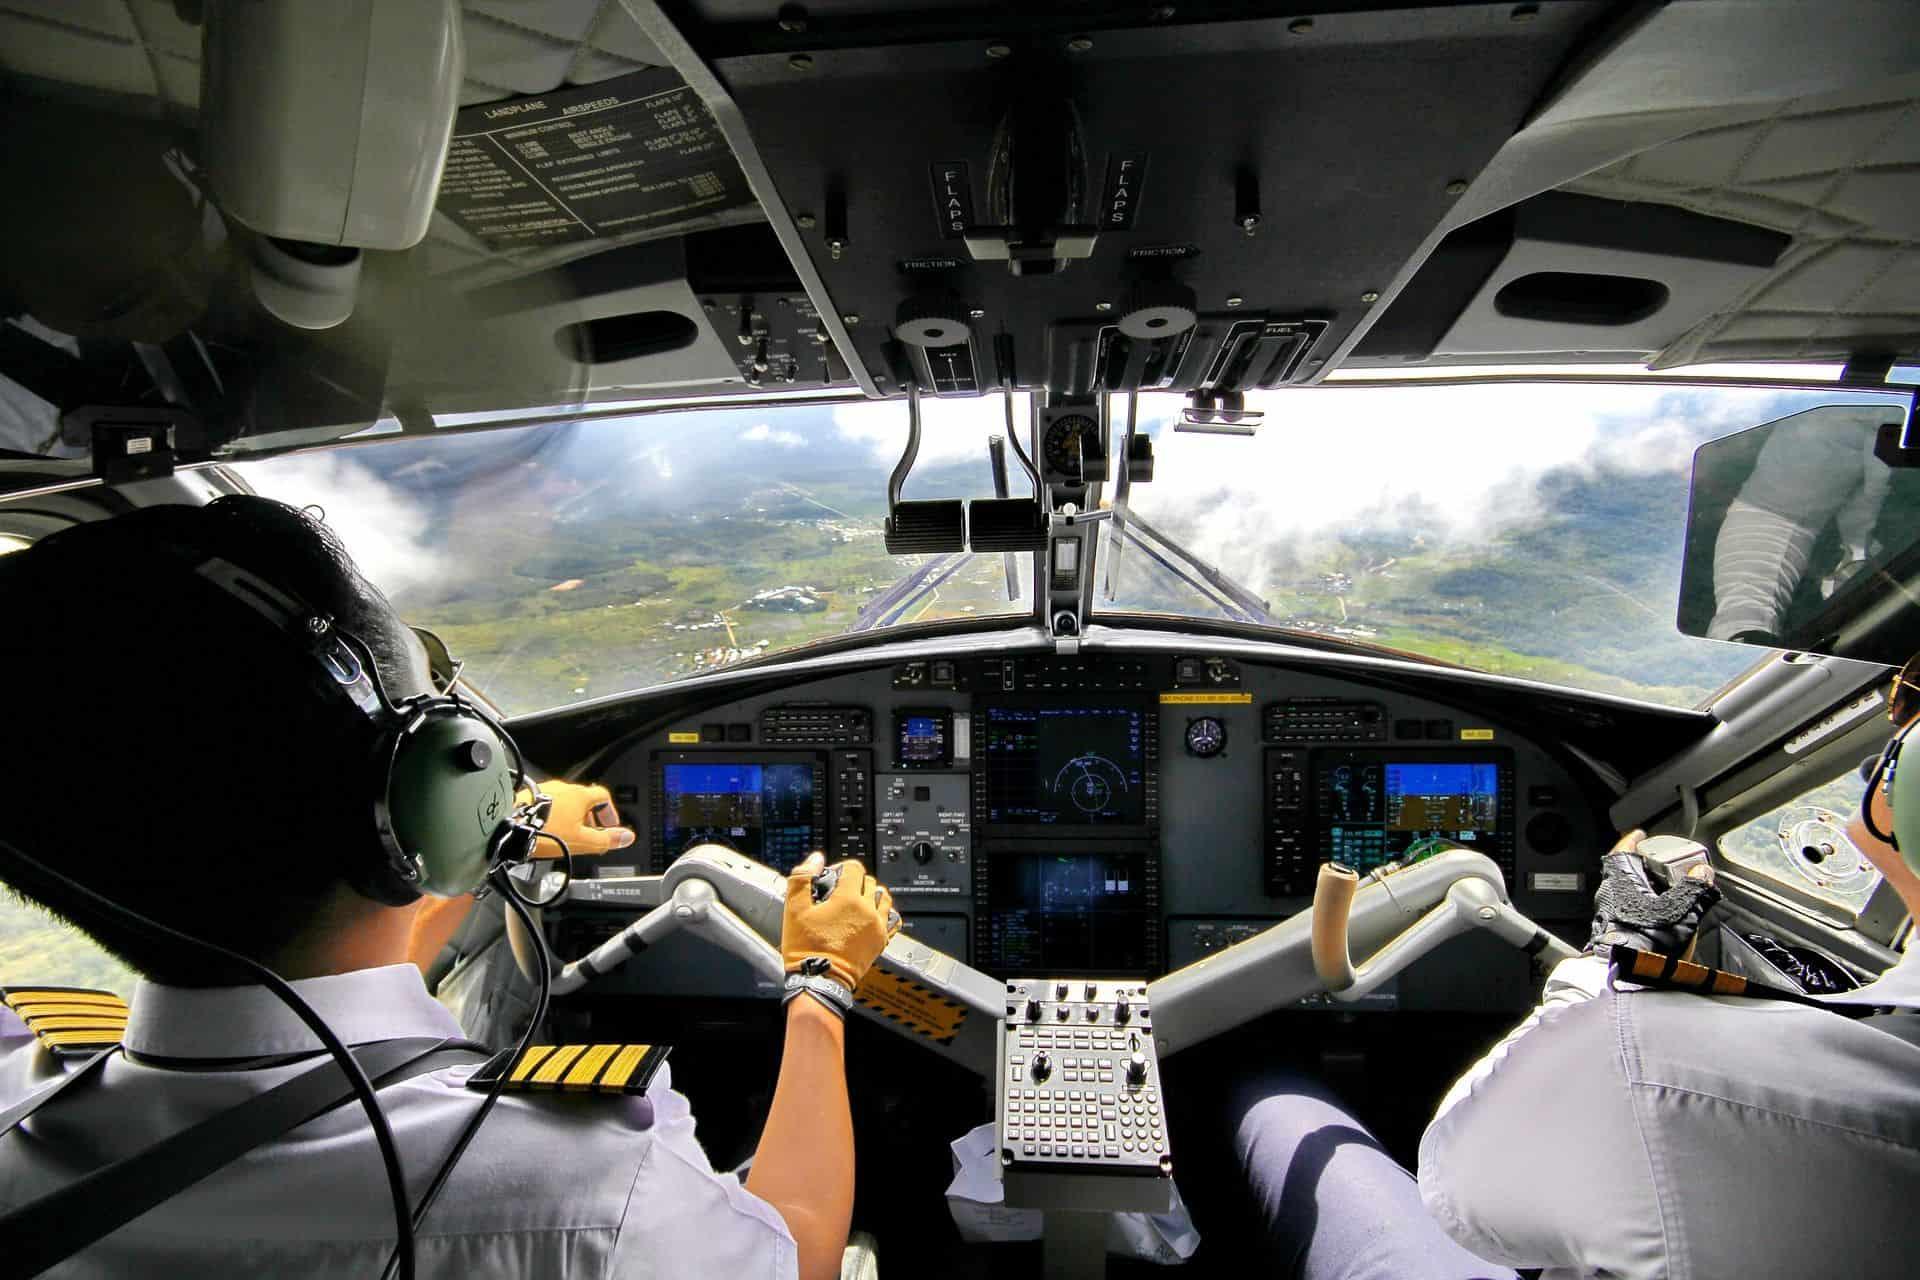 Seriez-vous prêt à embarquer dans un avion sans pilote?